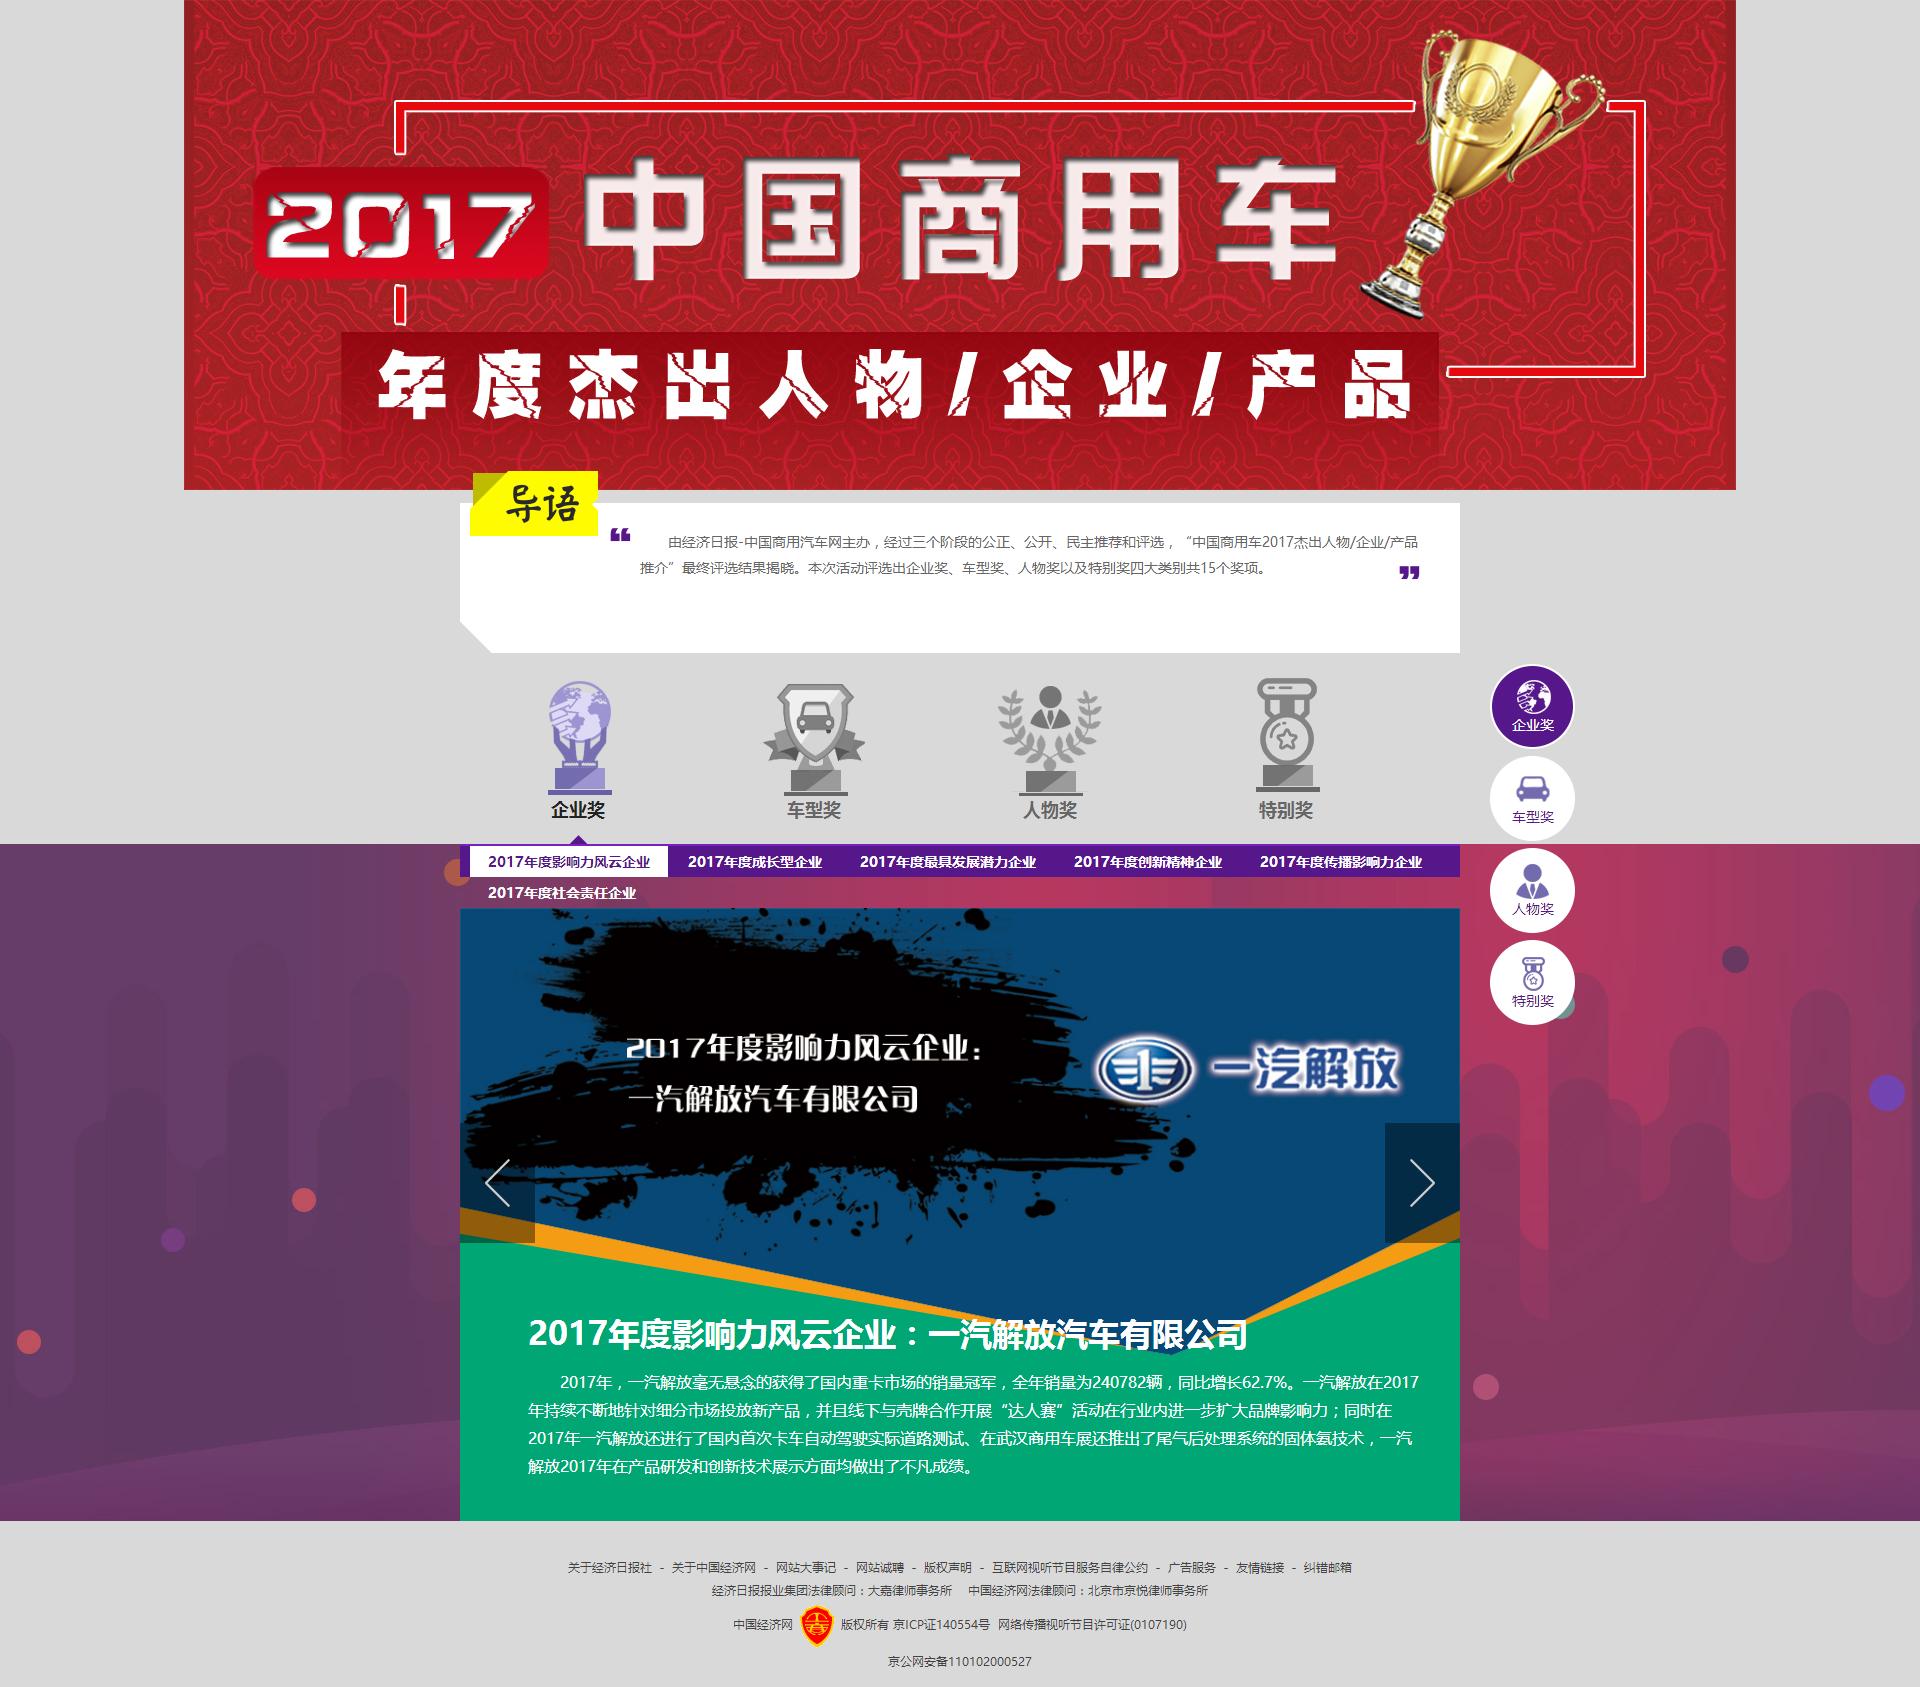 中国商用车2017杰出人物/企业/产品评选揭晓